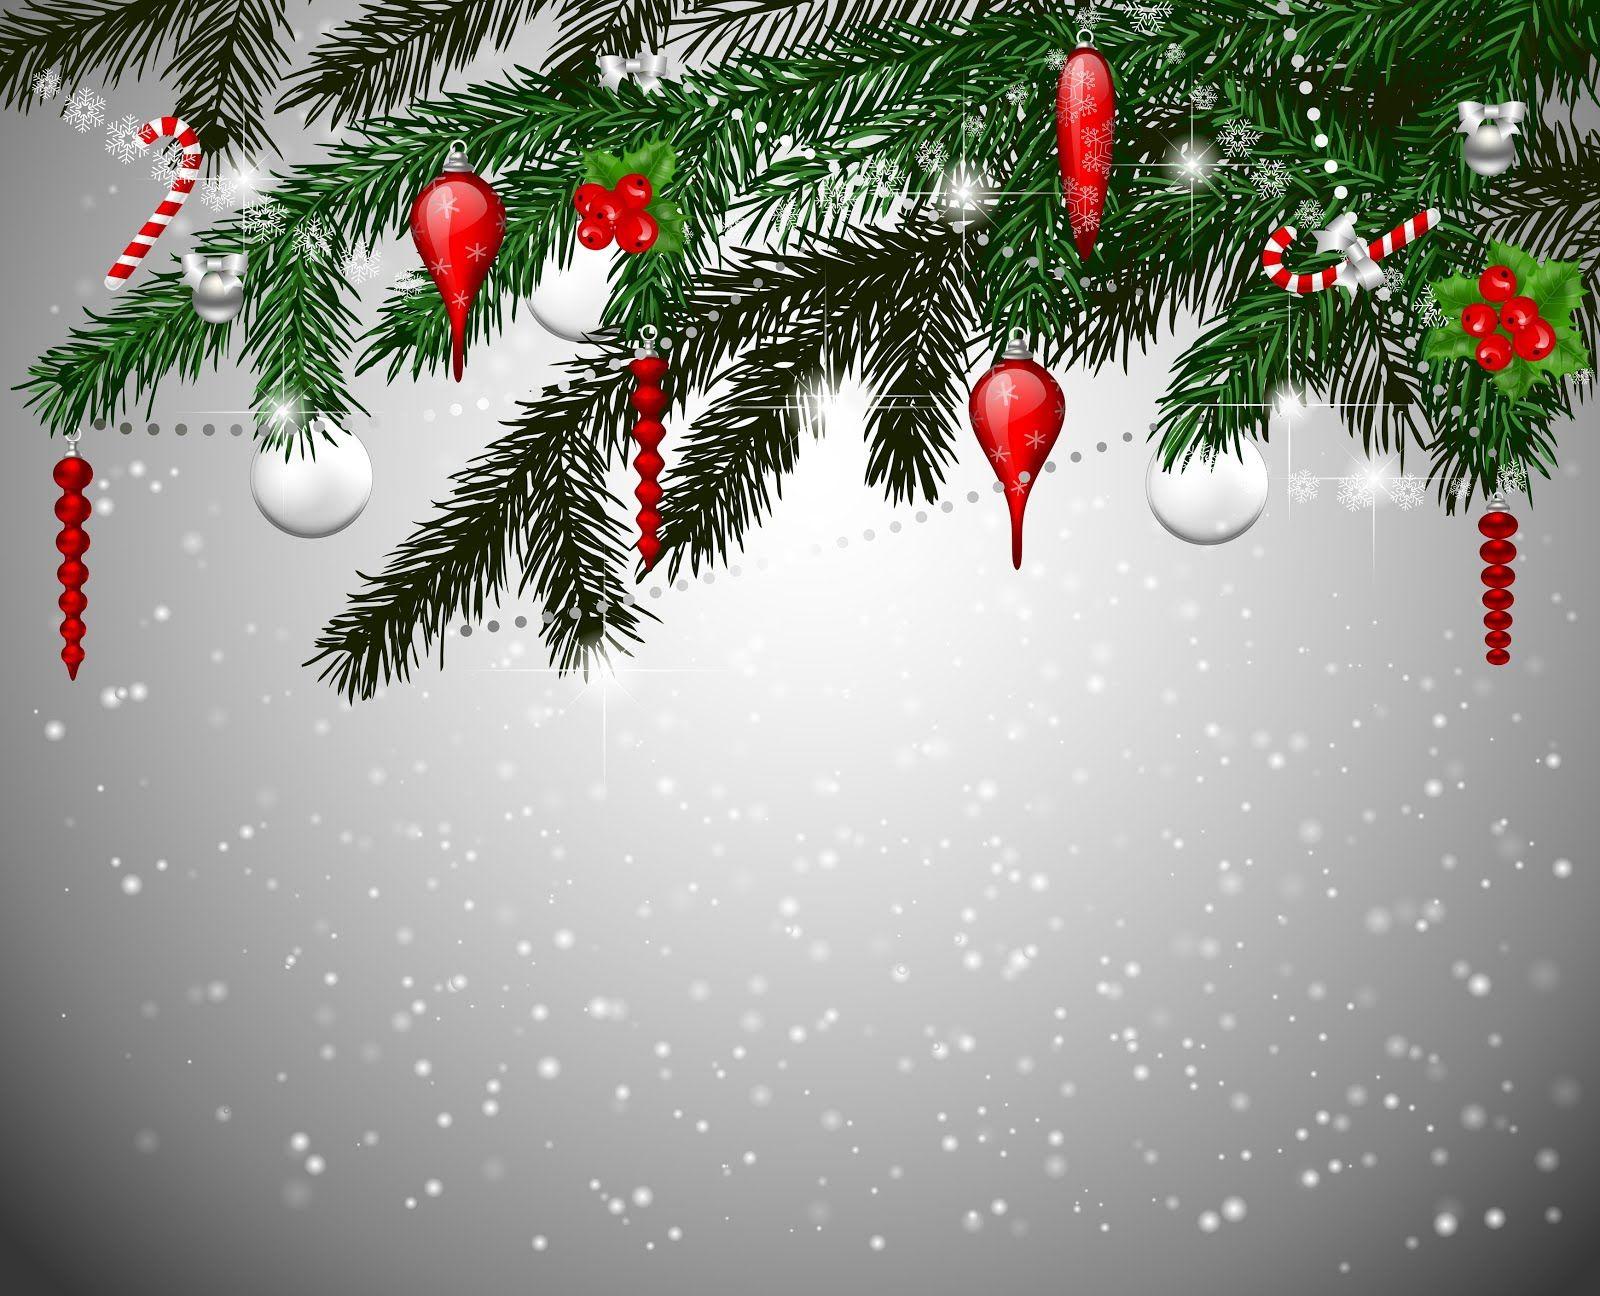 Fondo De Navidad Para Fotos: Fondos De Navidad Para Photoshop Gratis En Hd Gratis 13 HD